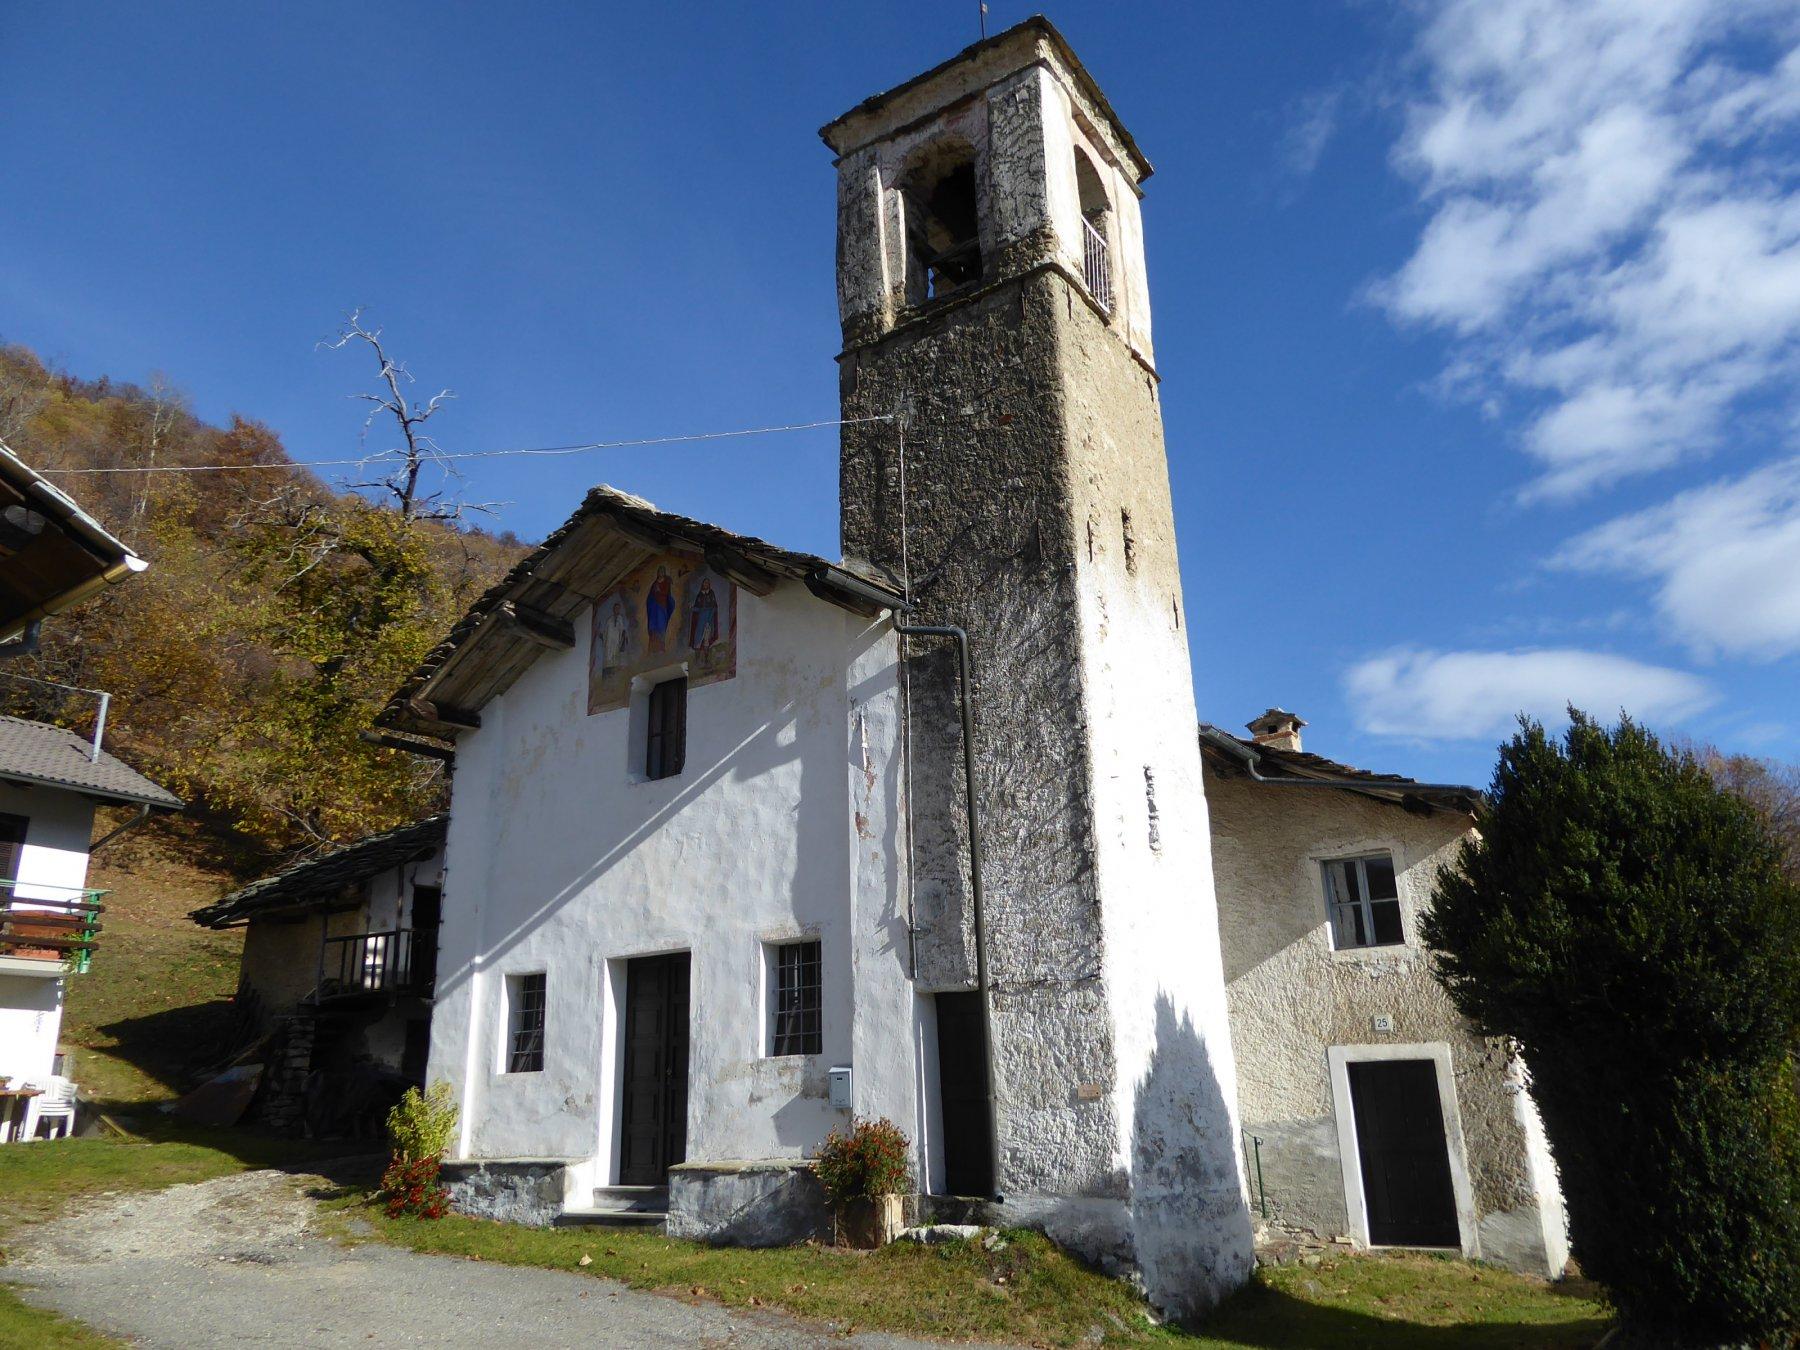 Chiesa di Piancerese